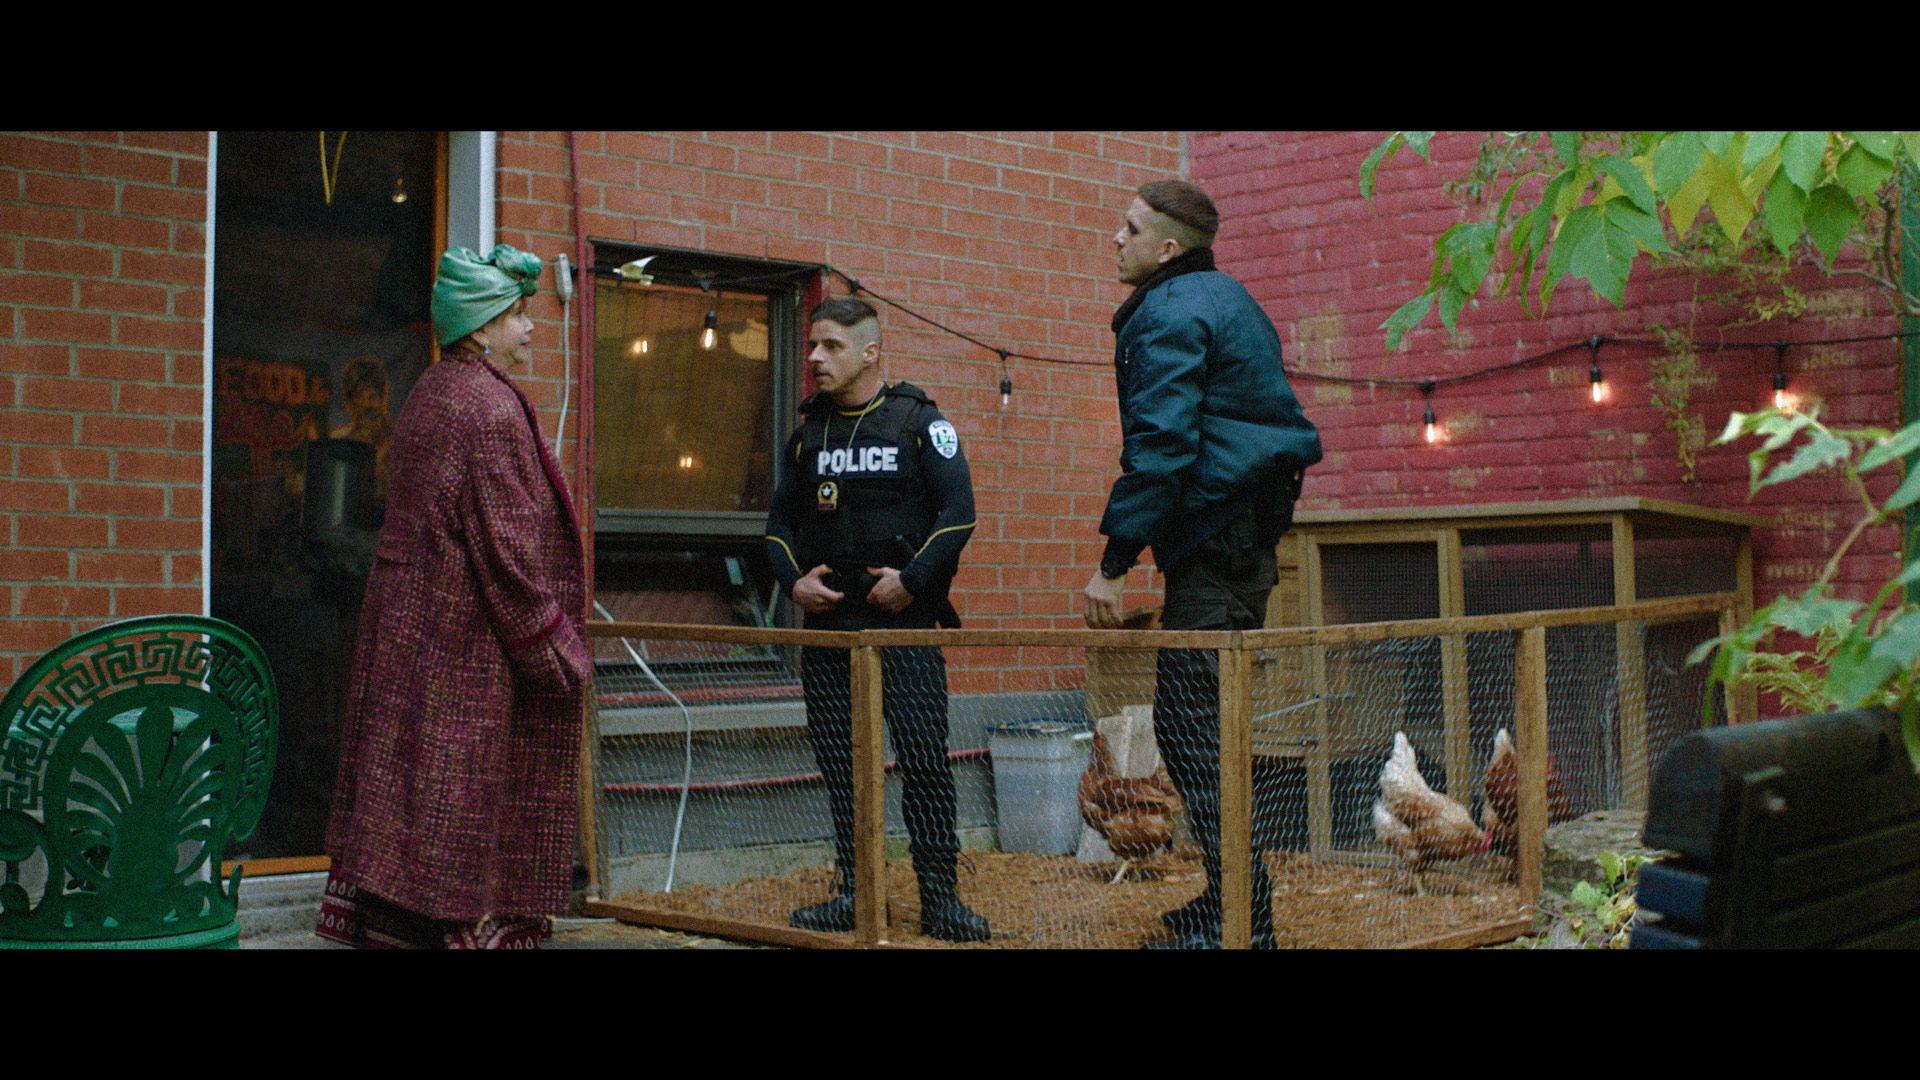 actors Hugolin Chevrette-Landesque and Emile Schneider posing as cops in a chicken coop for TV series La Loi C'est La Loi filmed by Les Gamins for TV5 Unis